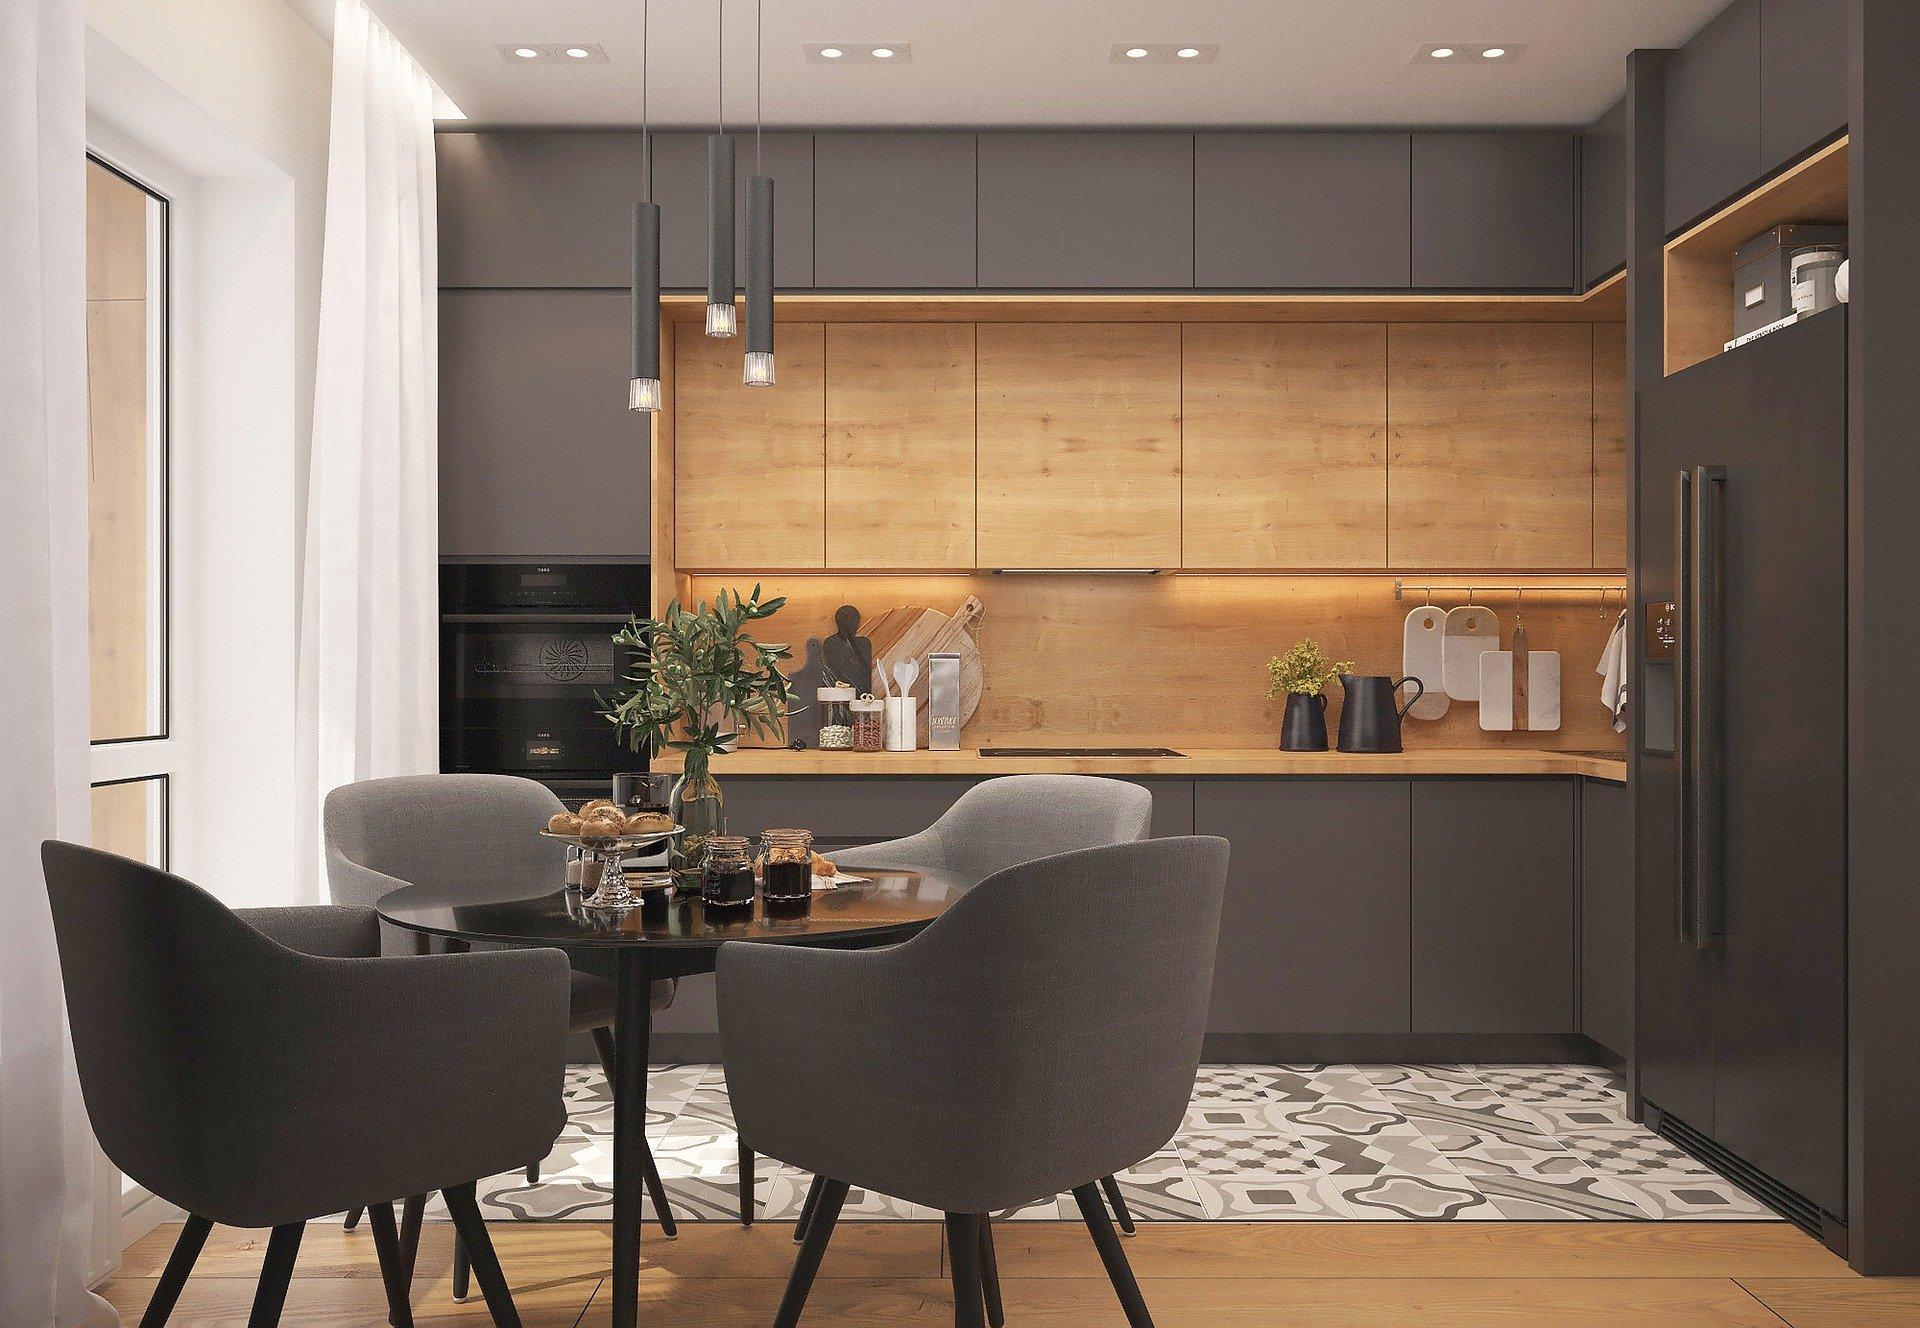 Cucina in legno naturale e laccato in grigio